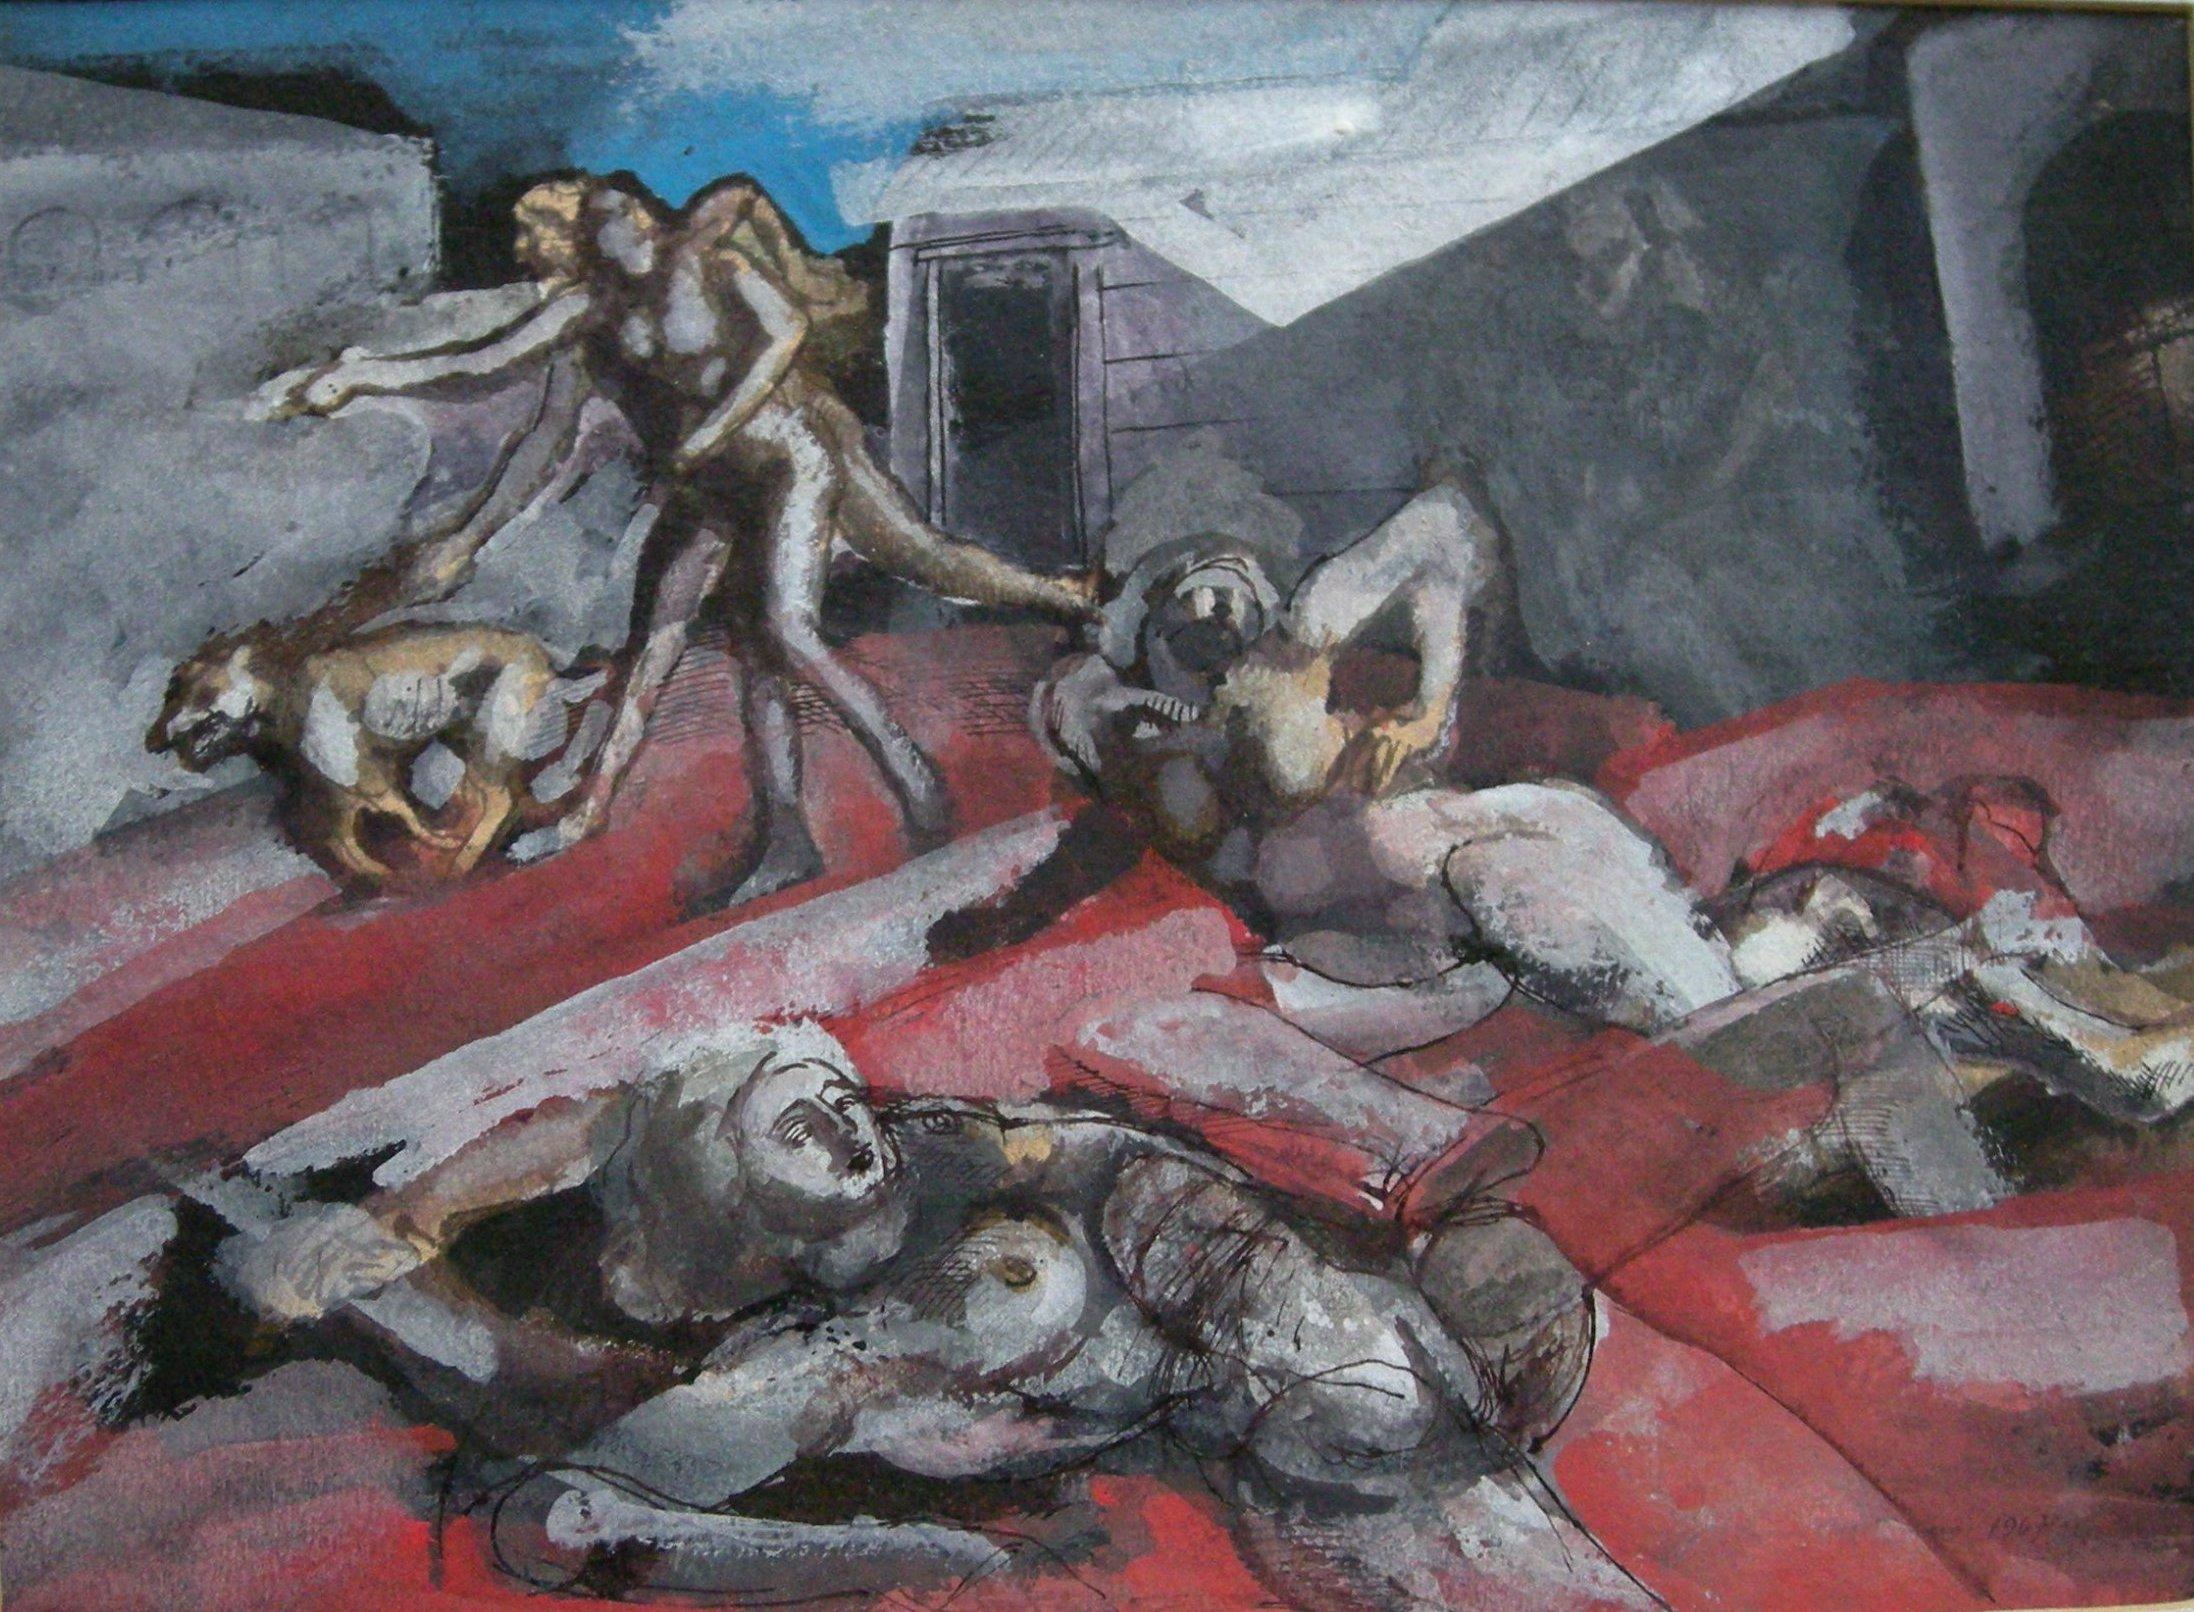 Handel Evans - Violence